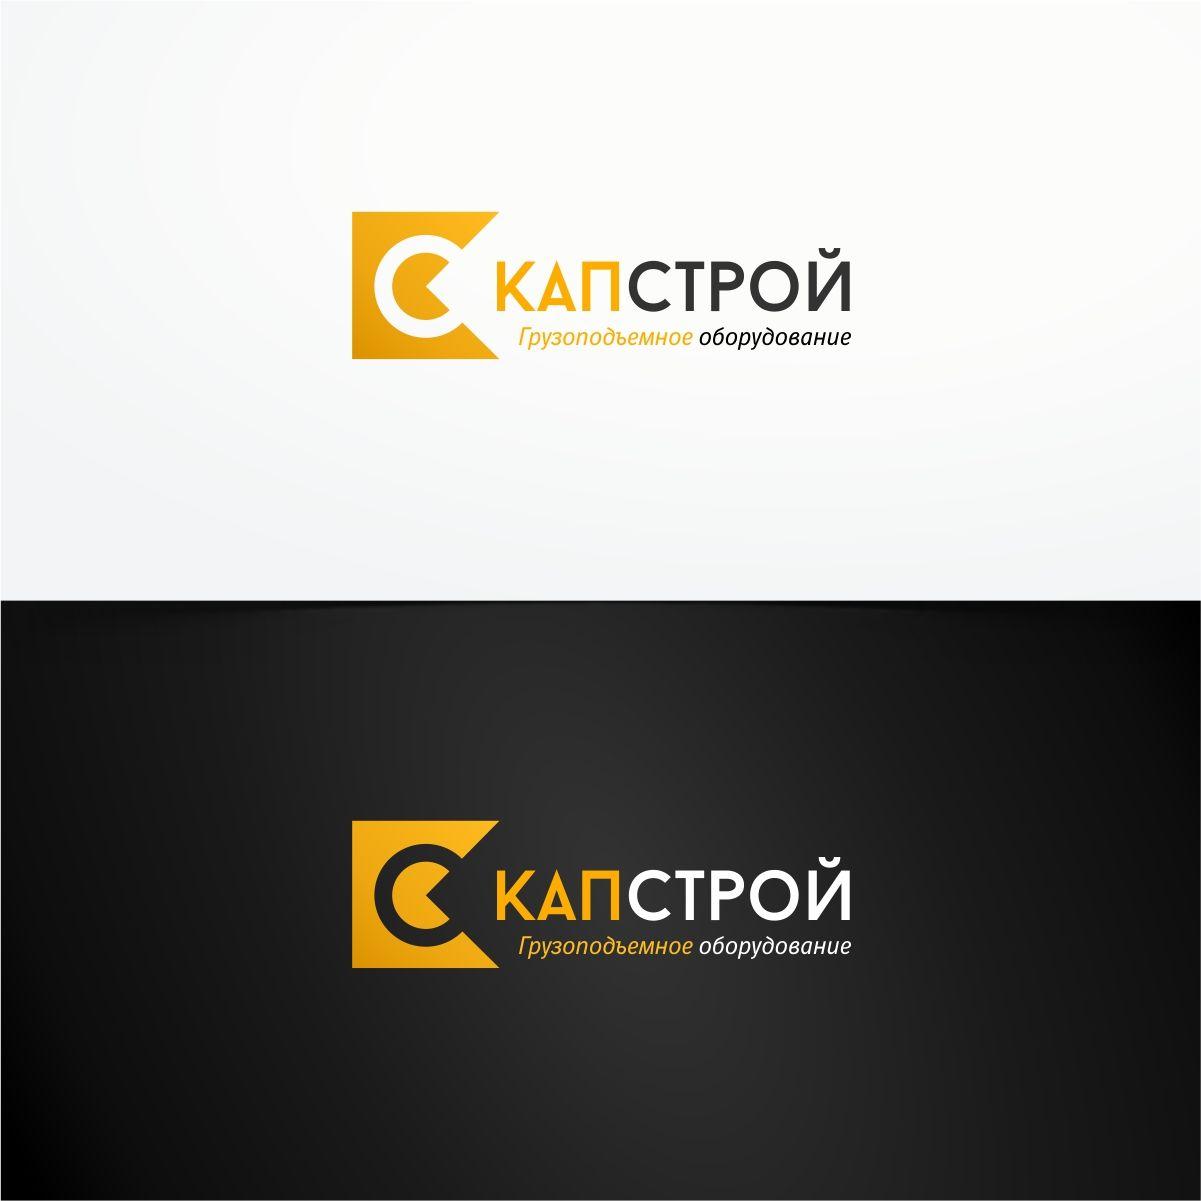 Лого и фирменный стиль для Капстрой  - дизайнер TVdesign